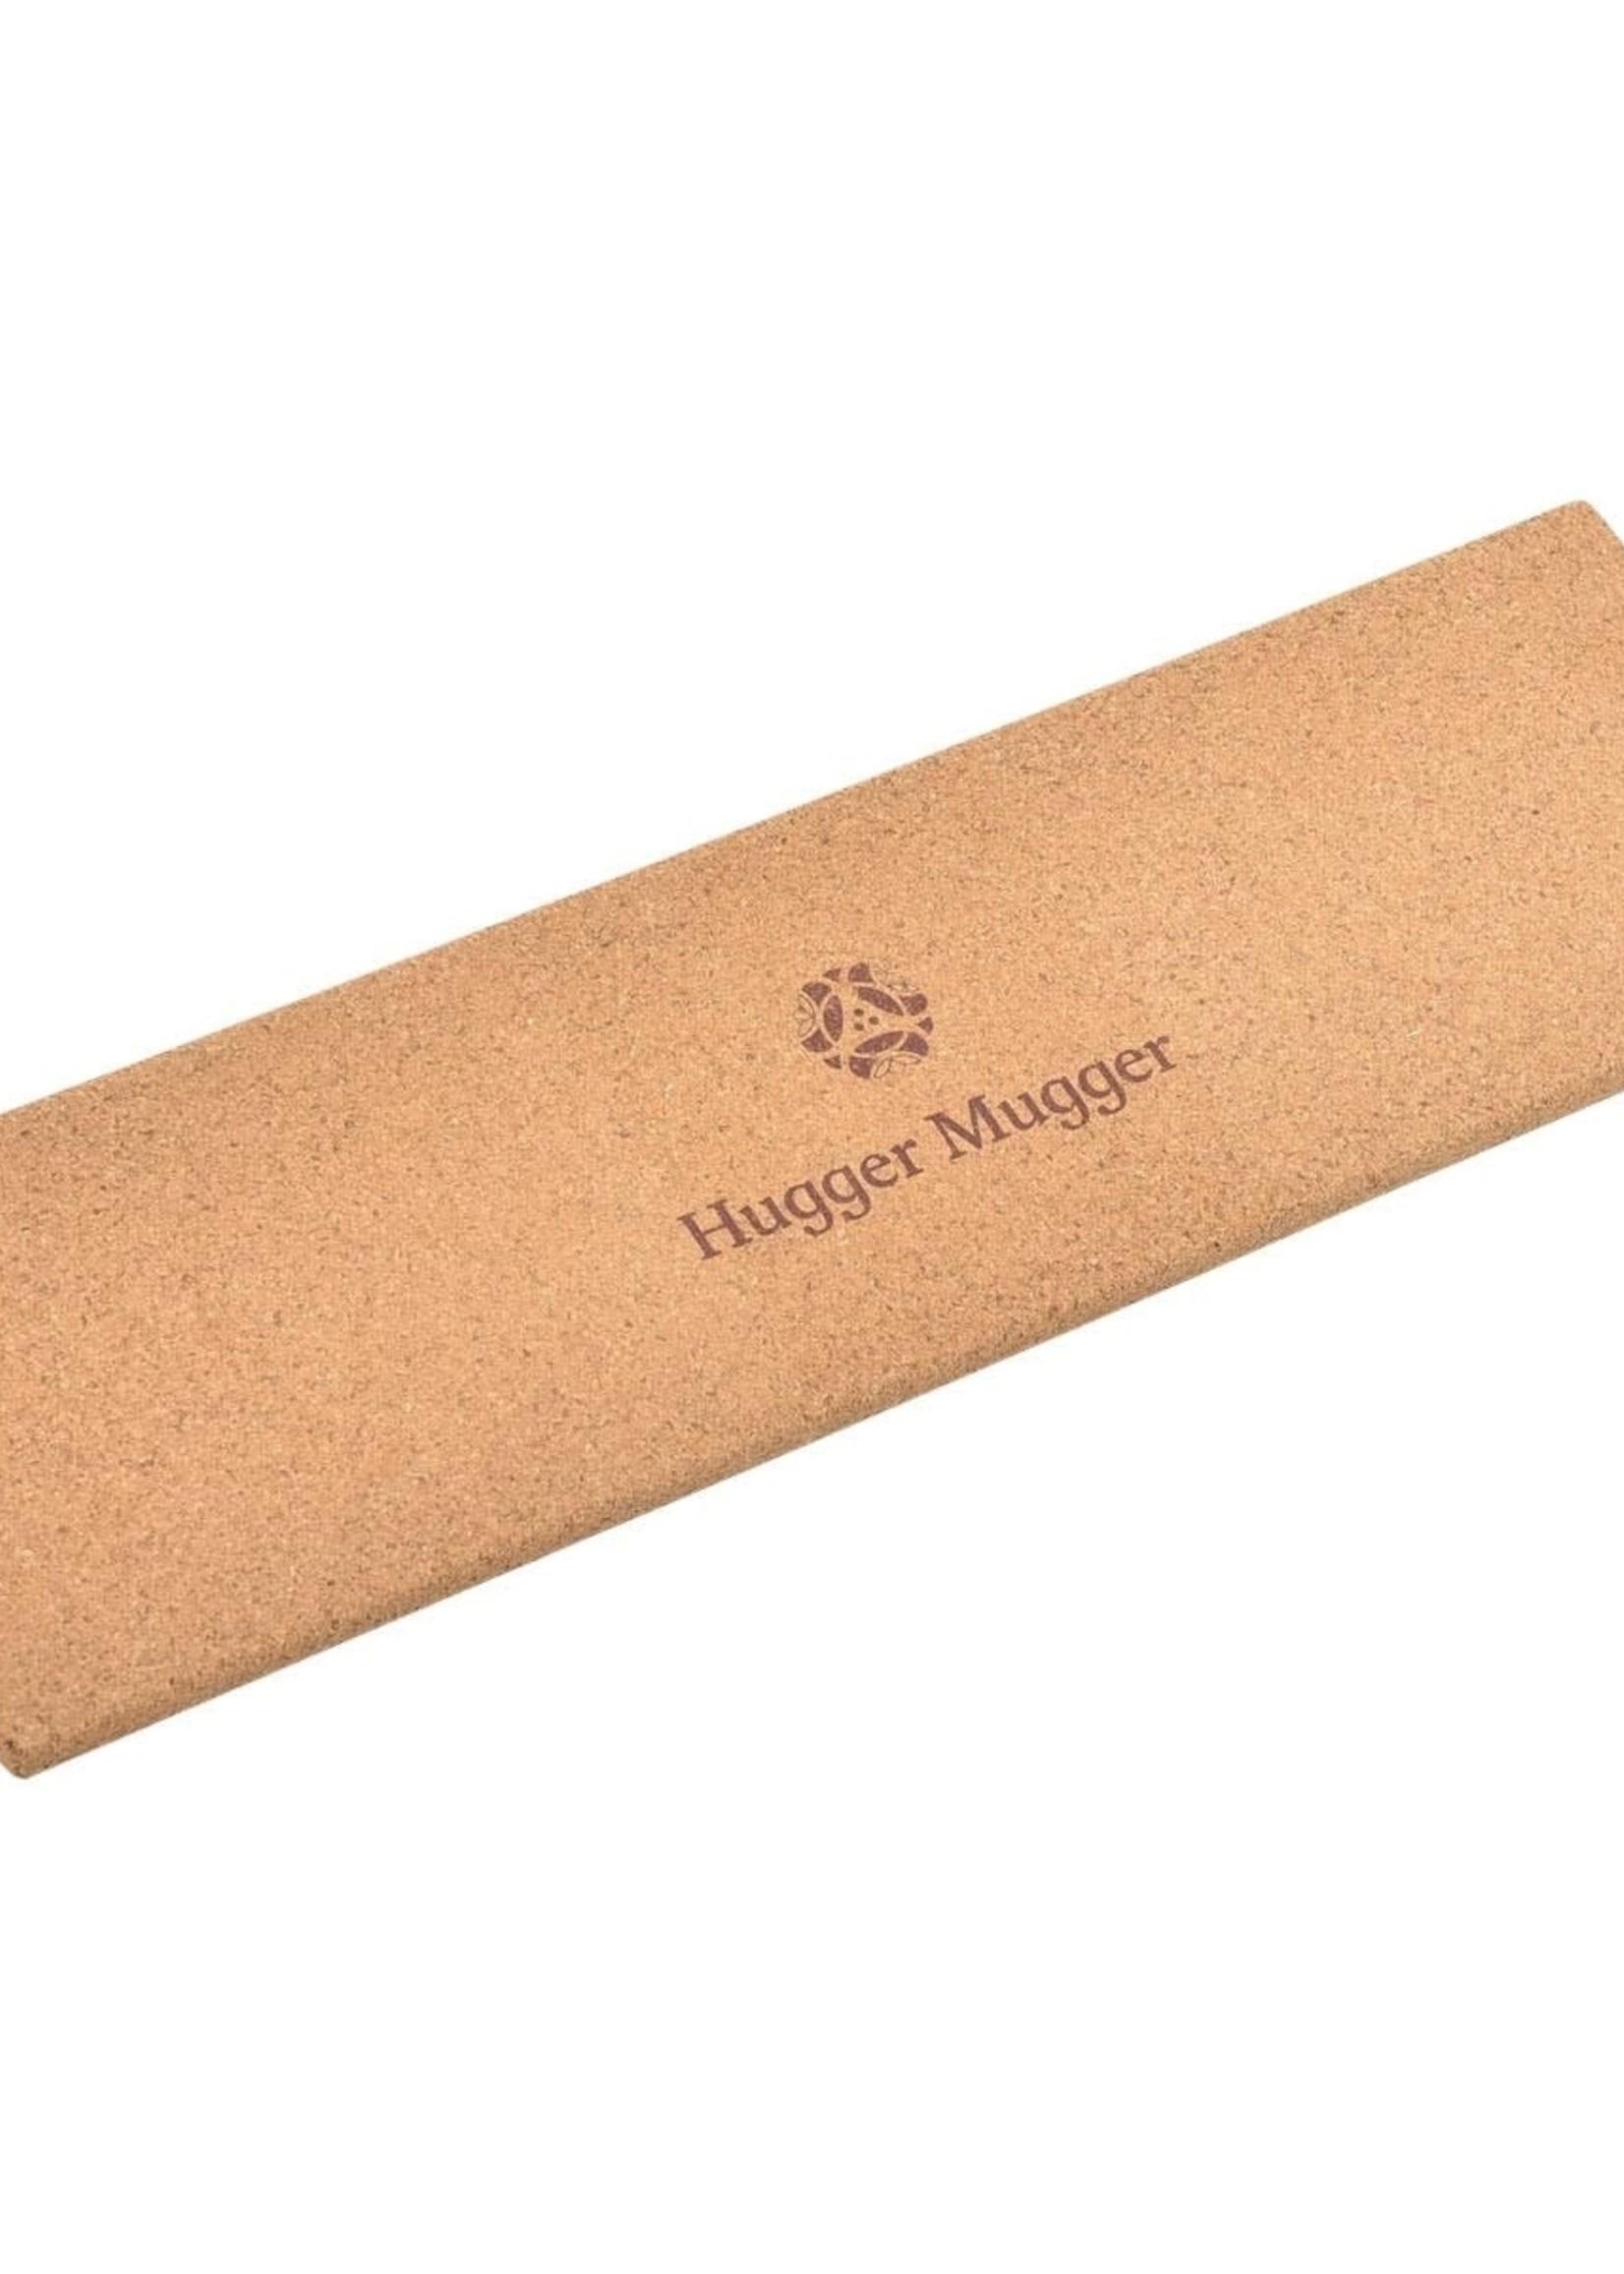 Cork Yoga Wedge